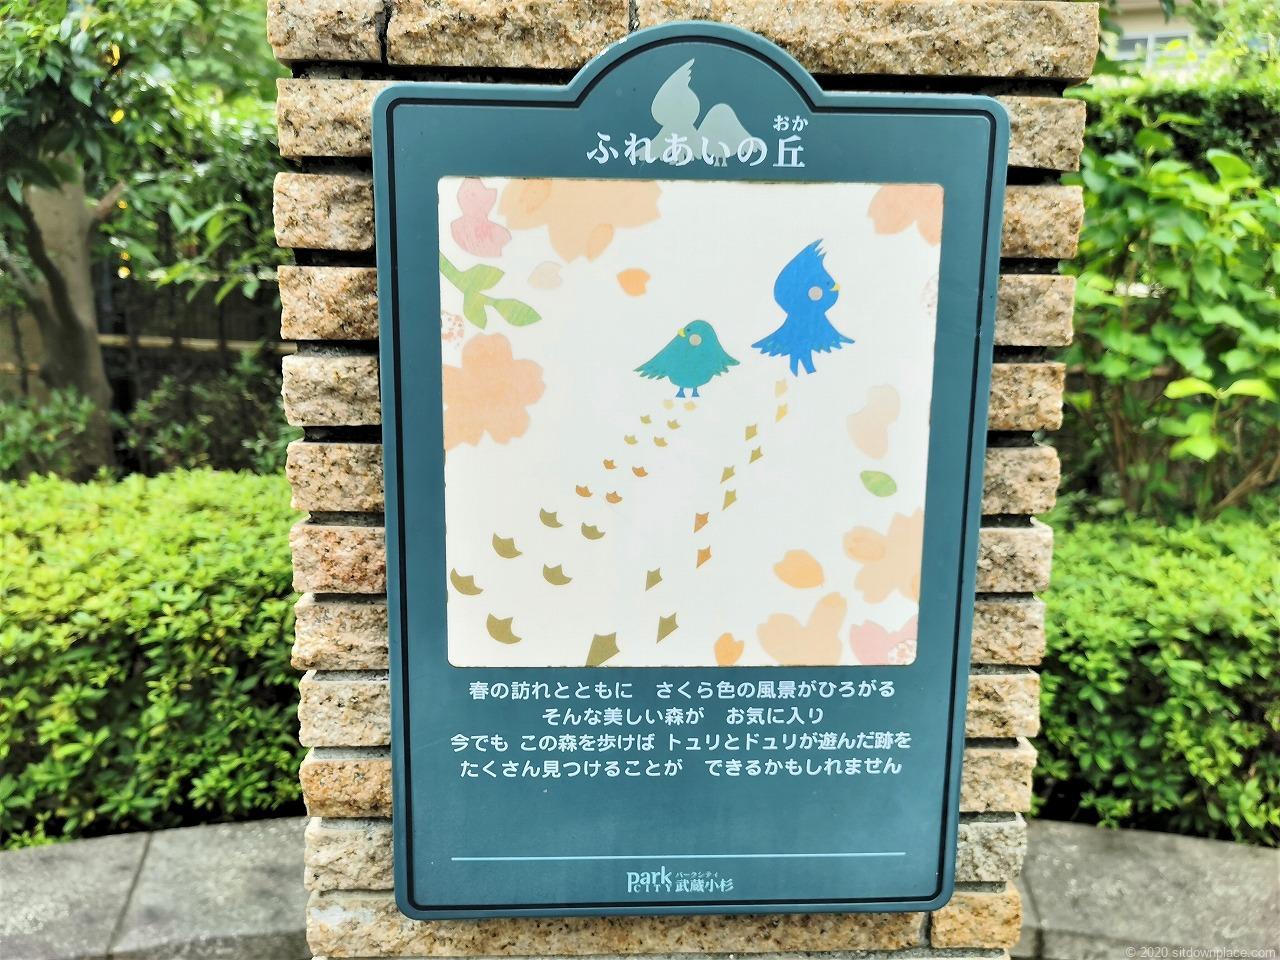 武蔵小杉駅 ふれあいの丘の案内板